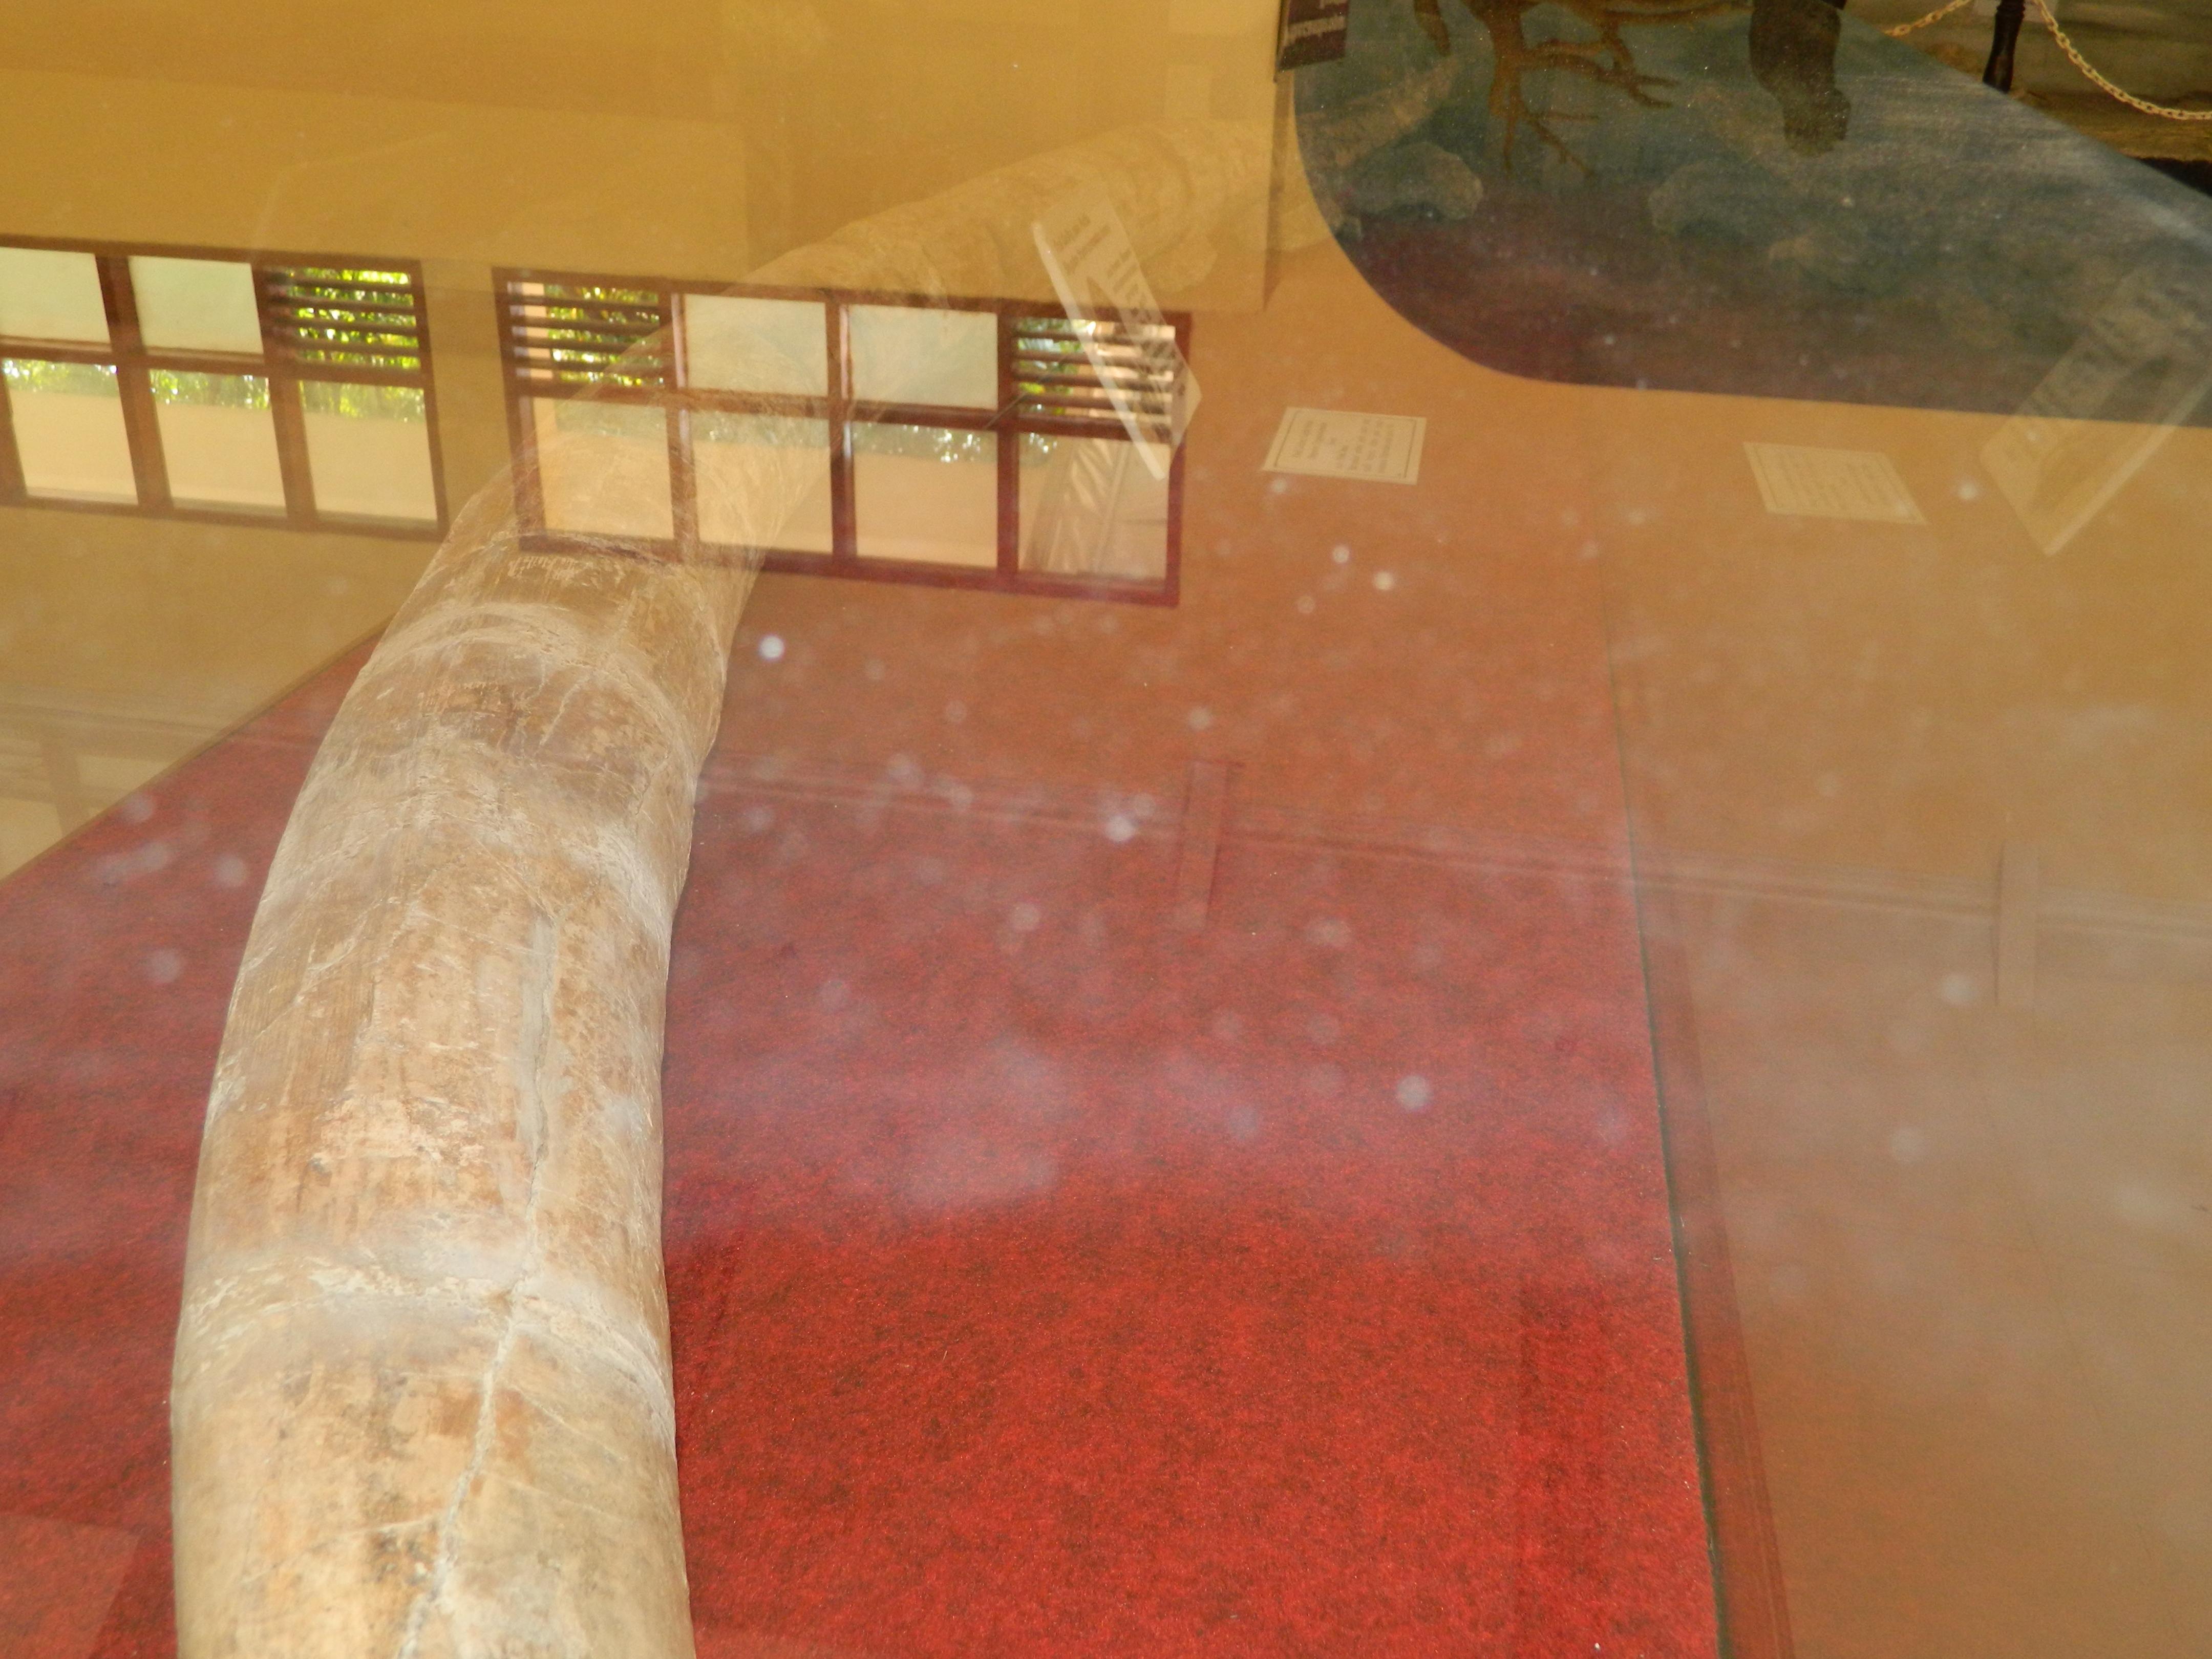 Museum Ngawikab Museumjatim Tempat Terletak Desa Kawu Kecamatan Kedunggalar Kabupaten